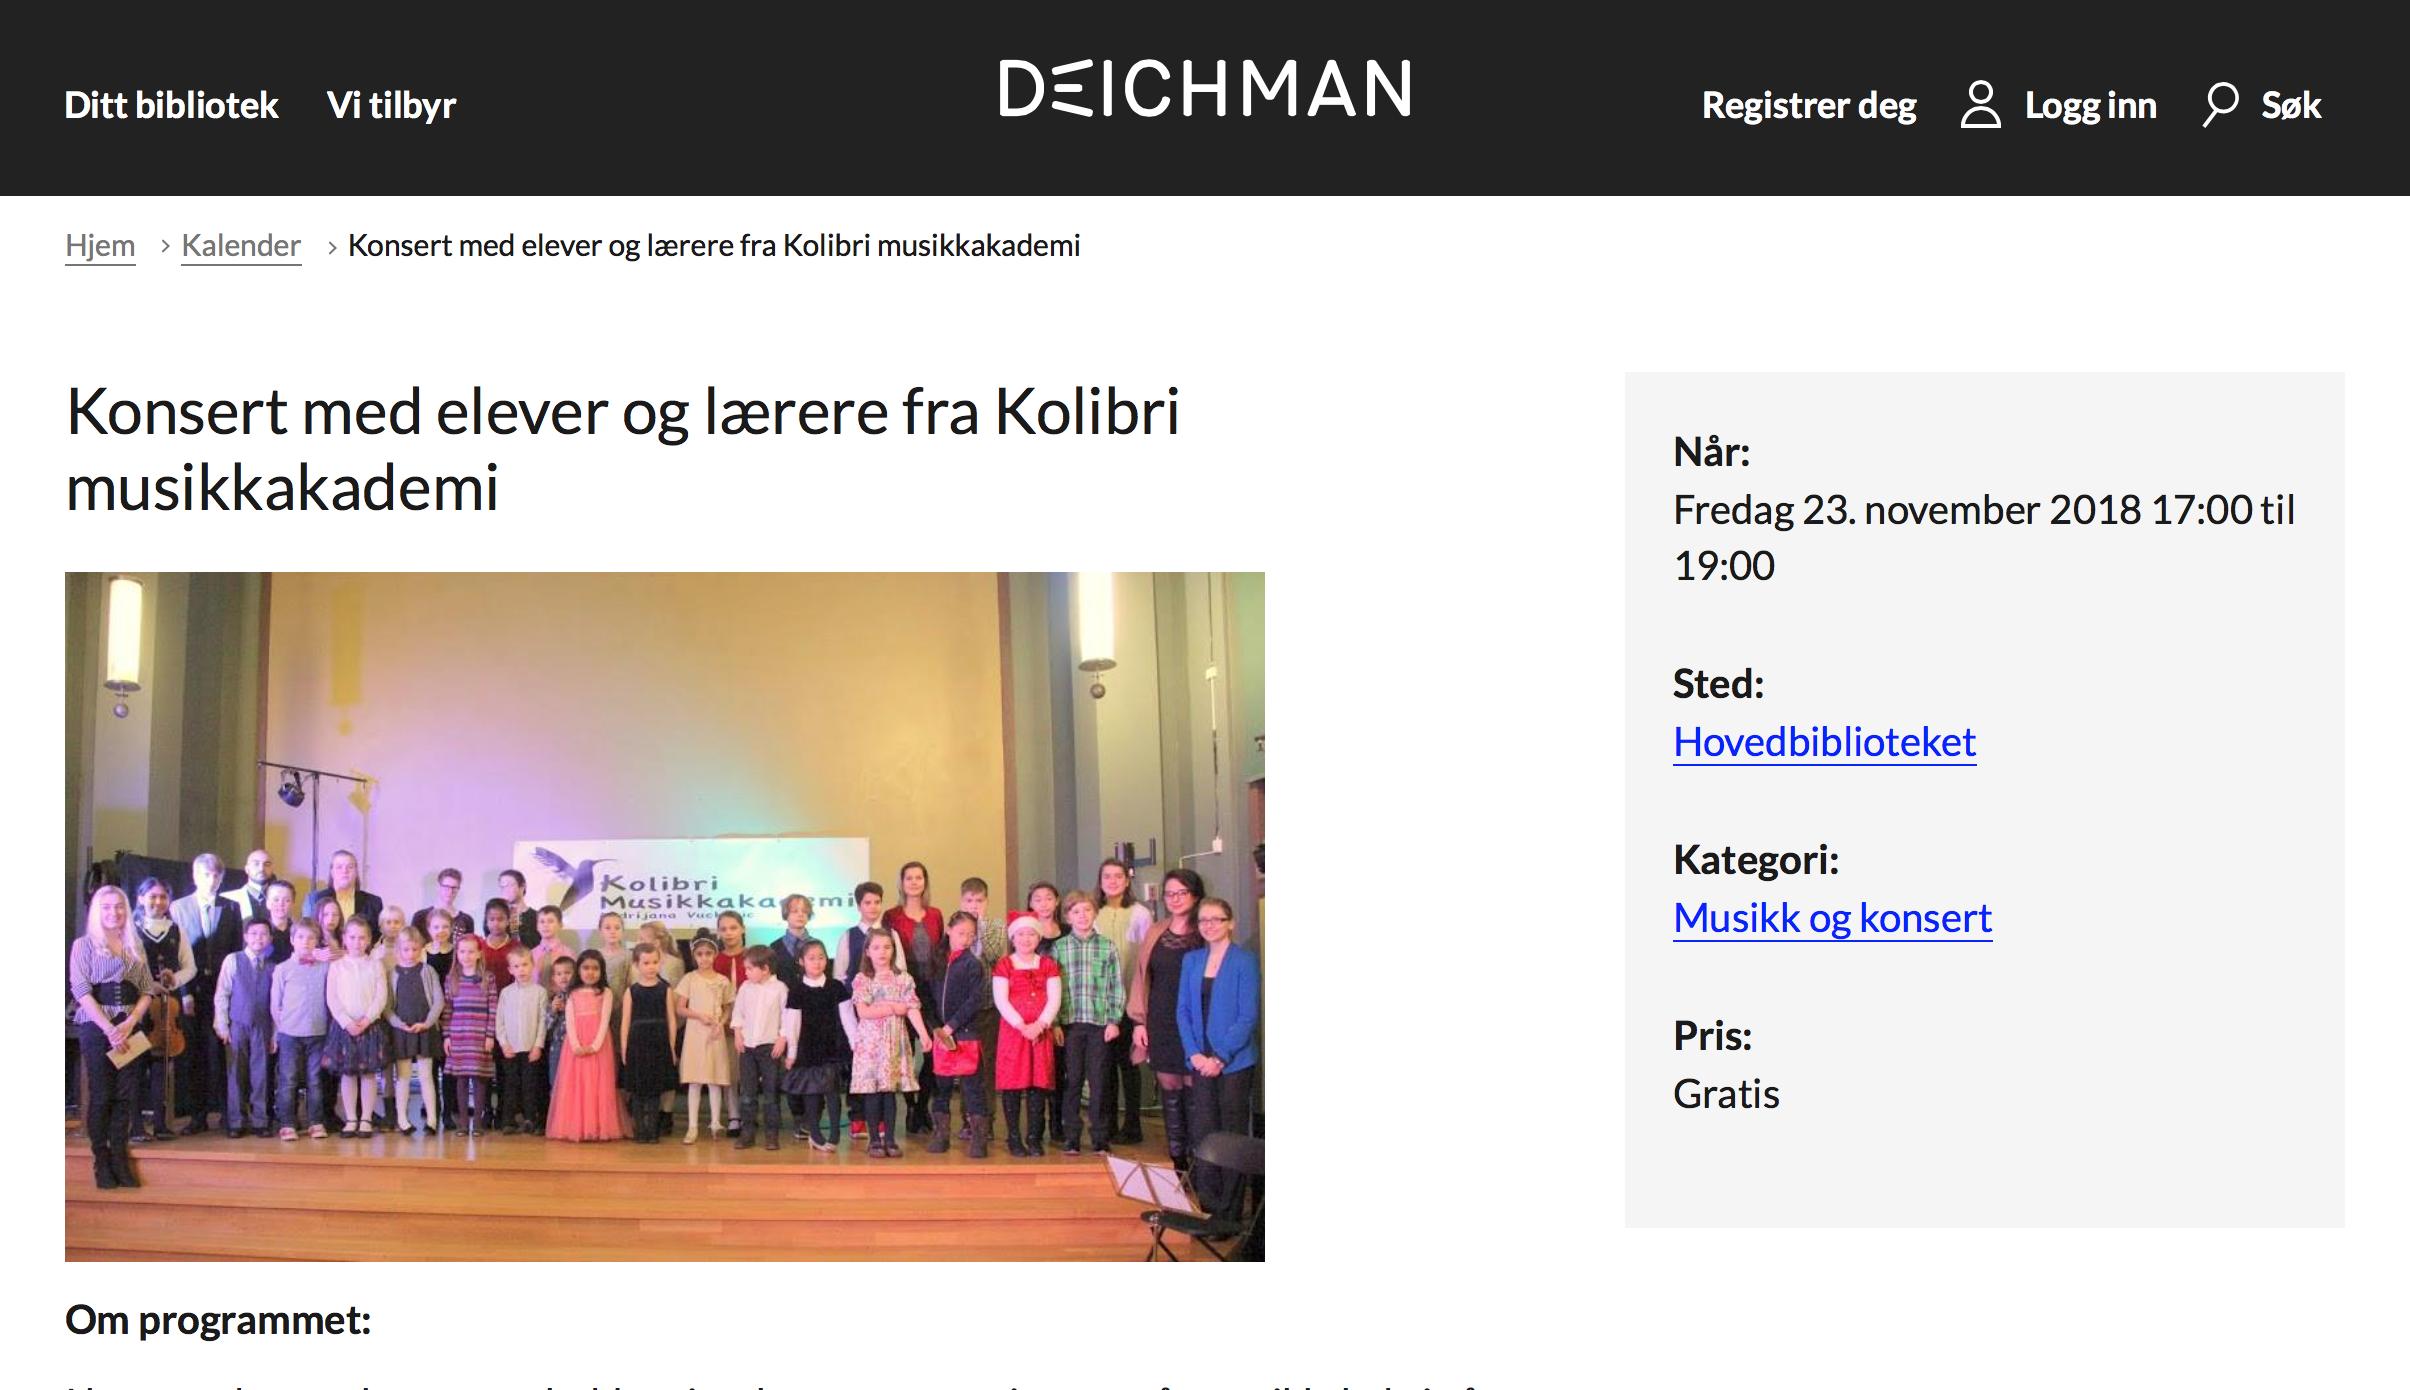 Kolibri musikkskole konsert, kulturskole Oslo Stavanger pianolærer musikktimer pianoundervisning sang elever spiller barna spiller lær å spille